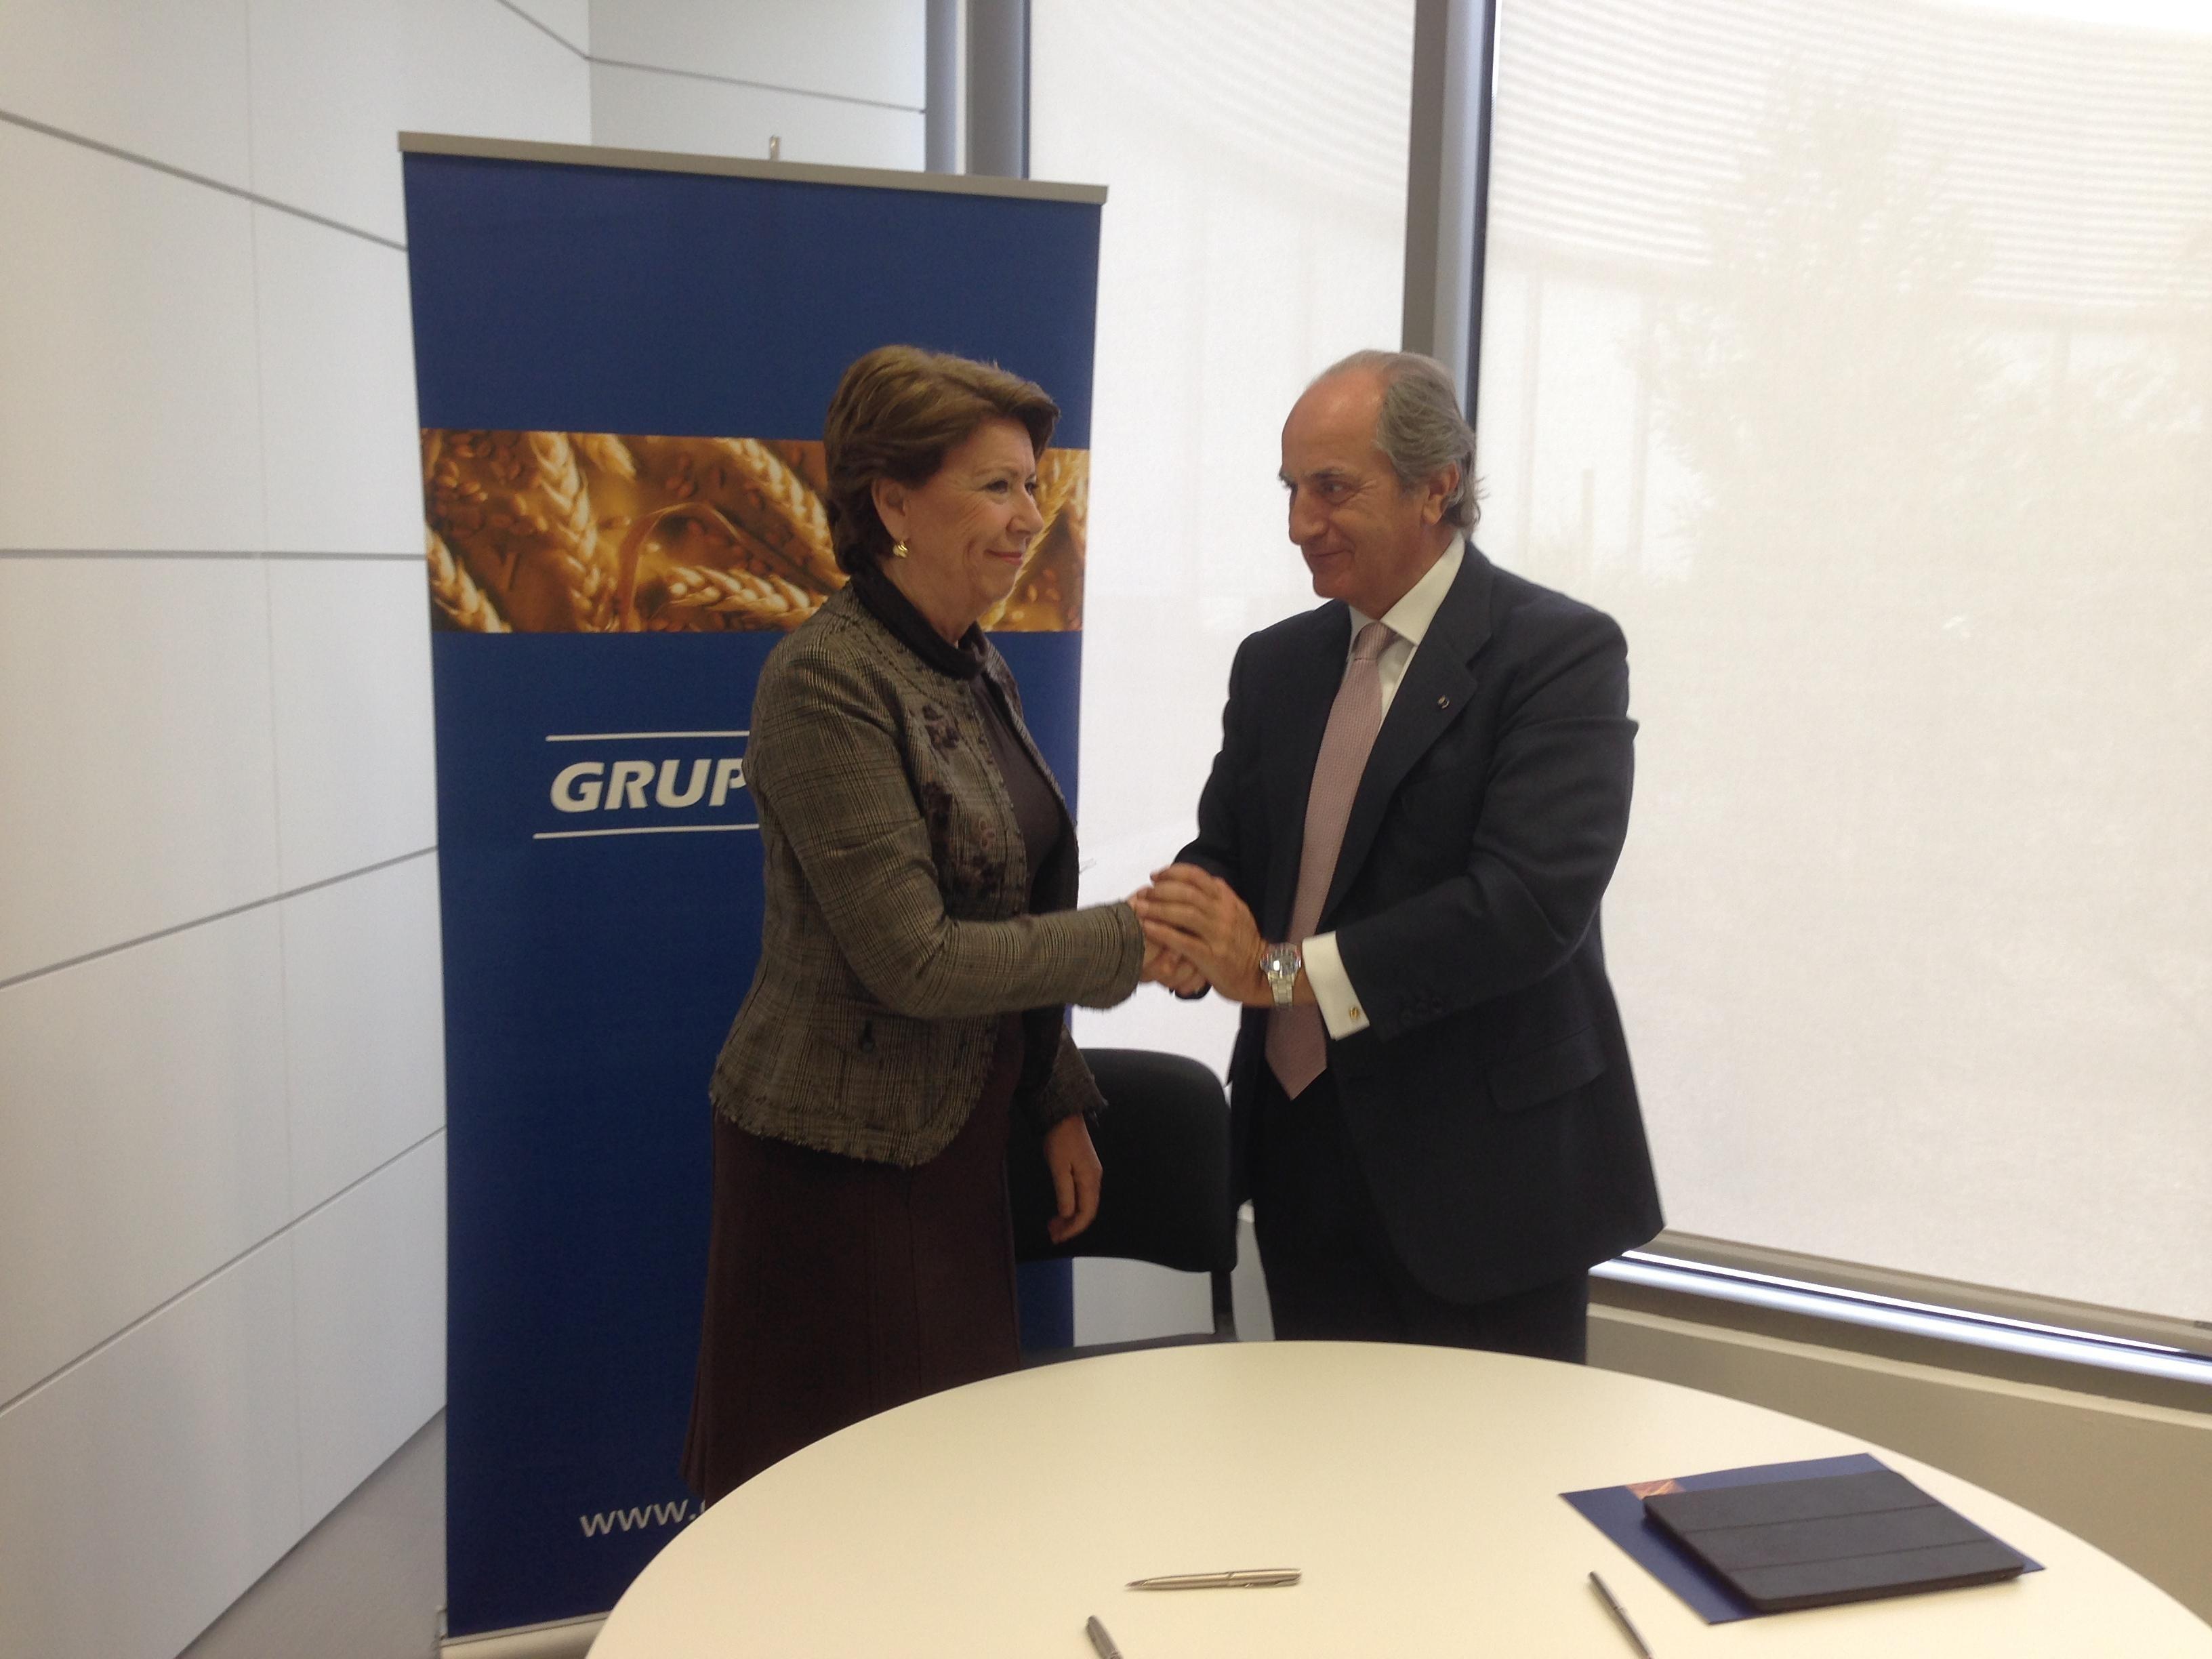 Grupo Siro, interproveedor de Mercadona, invertirá más de 200 millones en I+D y nuevas líneas de producción